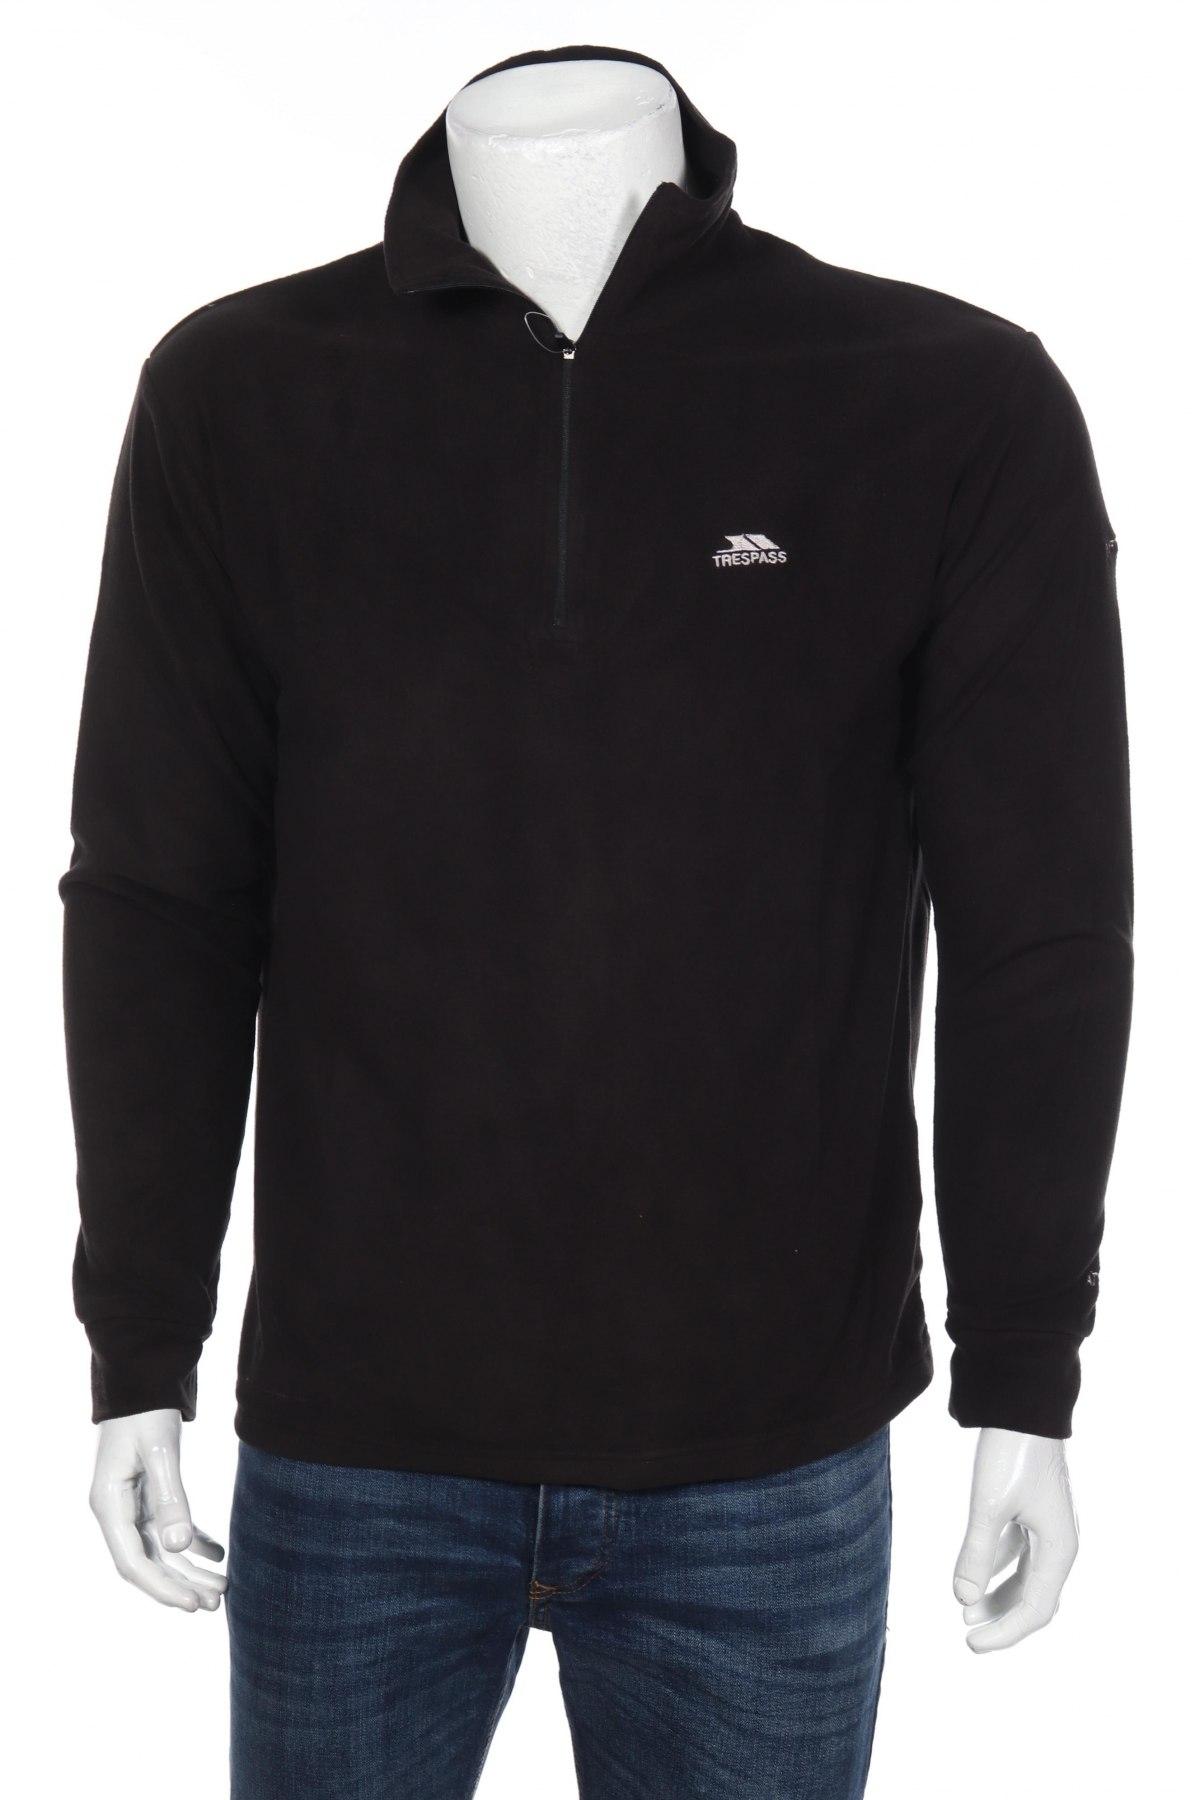 Мъжка поларена блуза Trespass, Размер S, Цвят Черен, 100% полиестер, Цена 20,65лв.